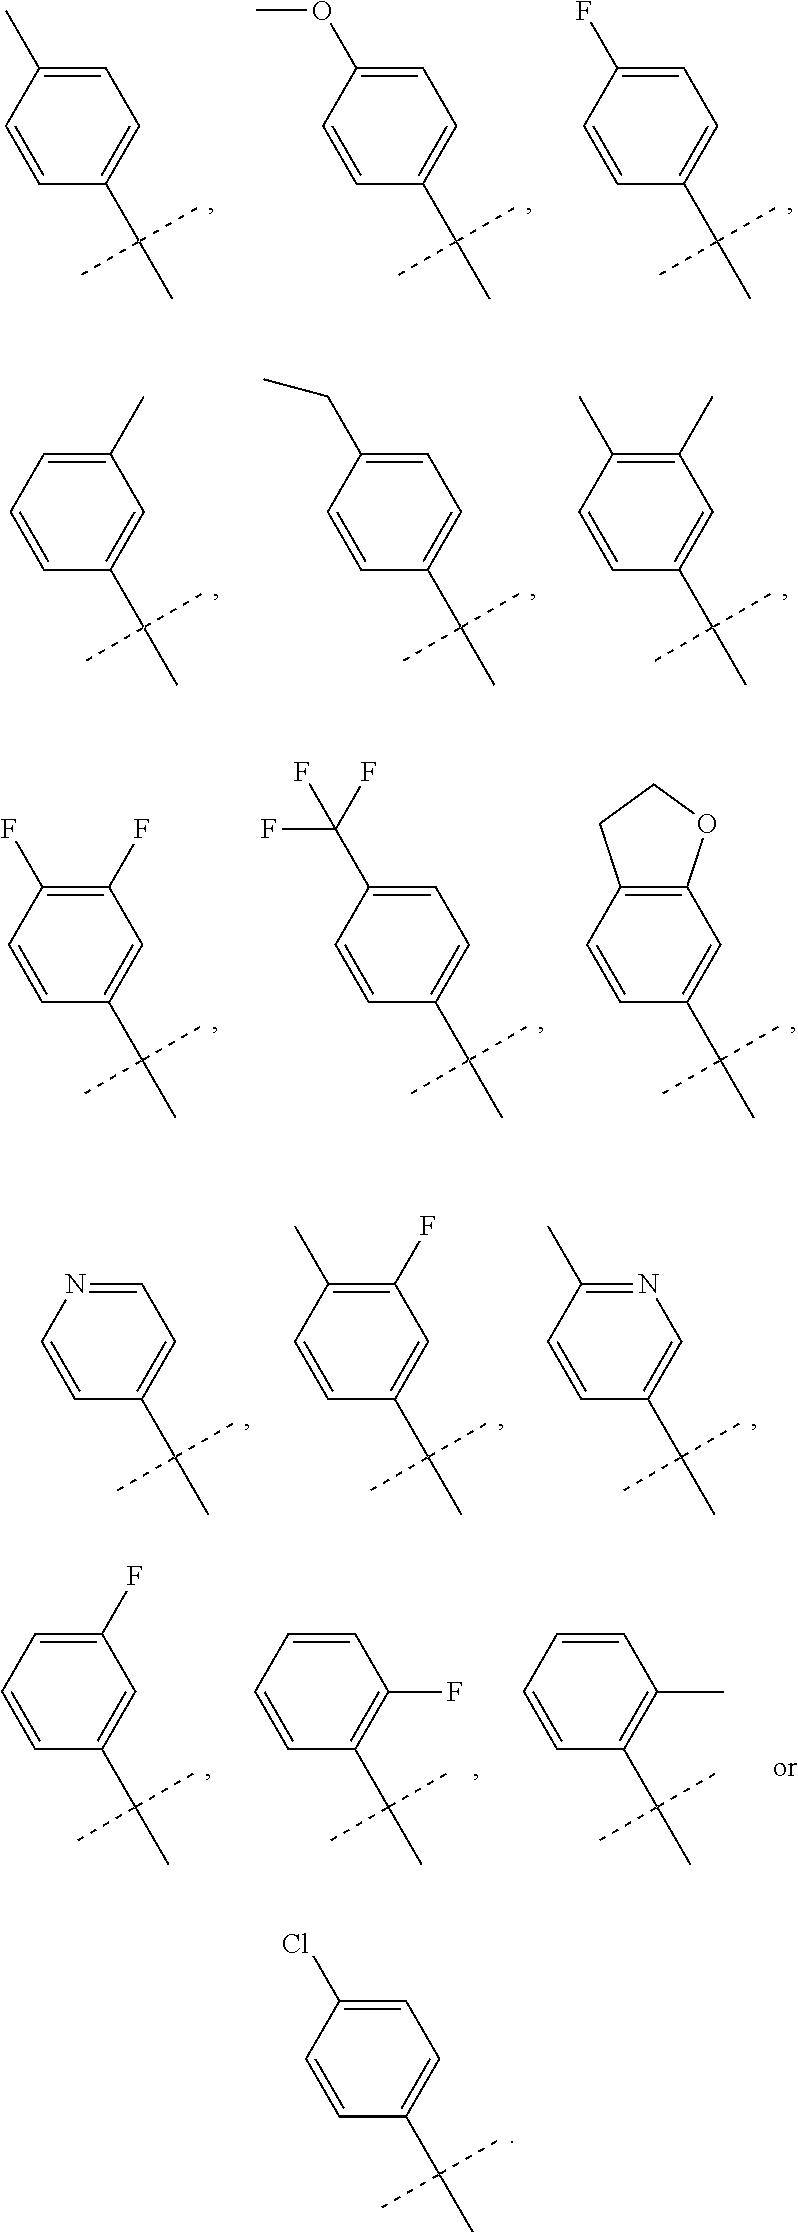 Figure US20150005311A1-20150101-C00006